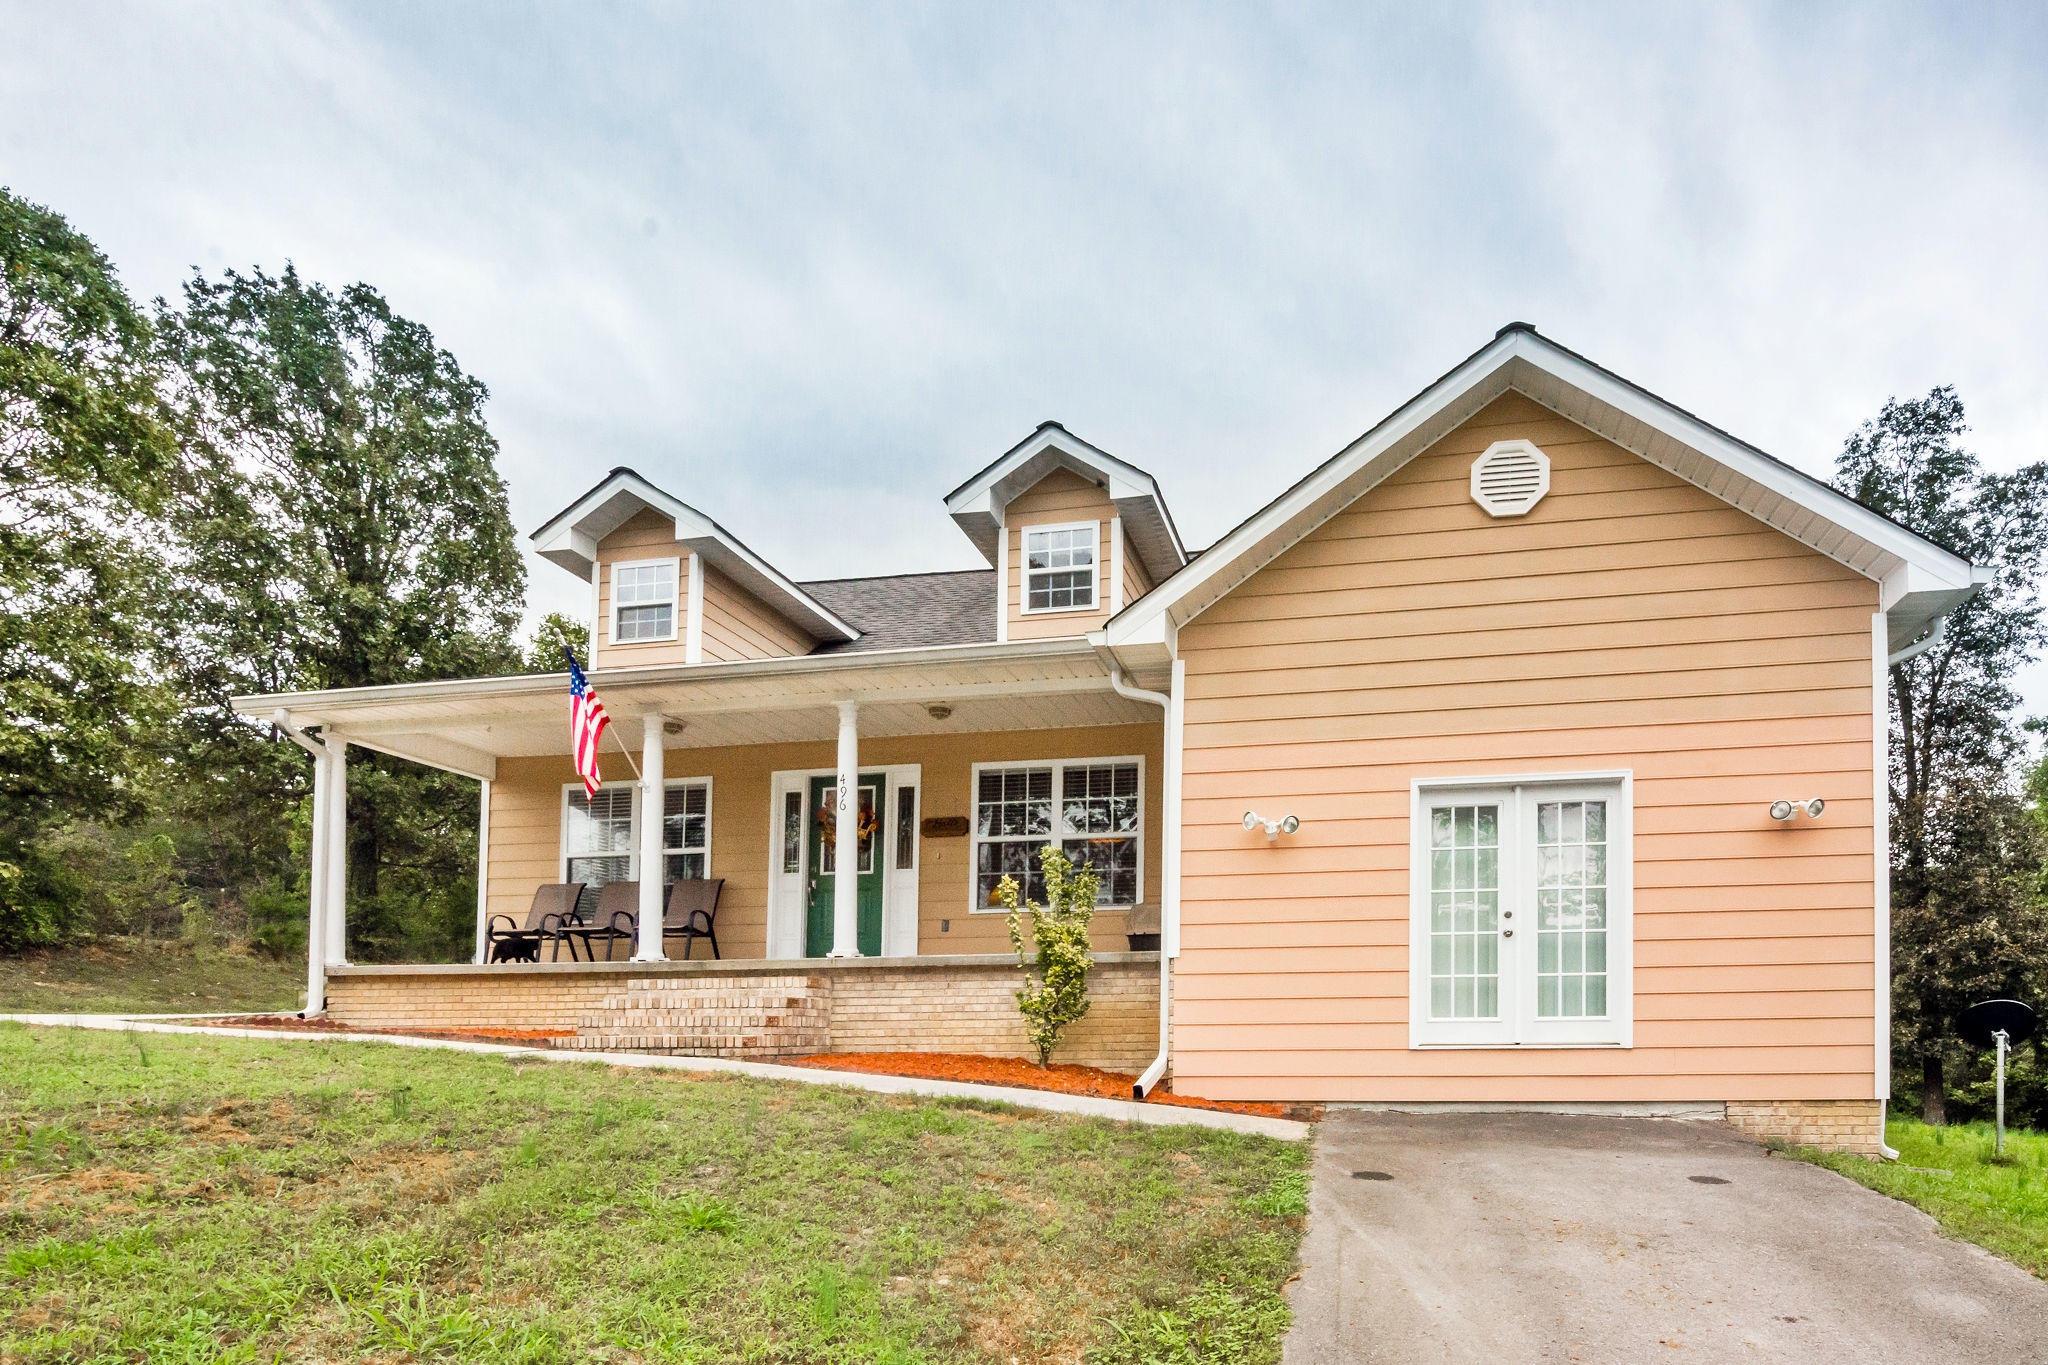 496 Highland Dr, Dunlap, TN 37327